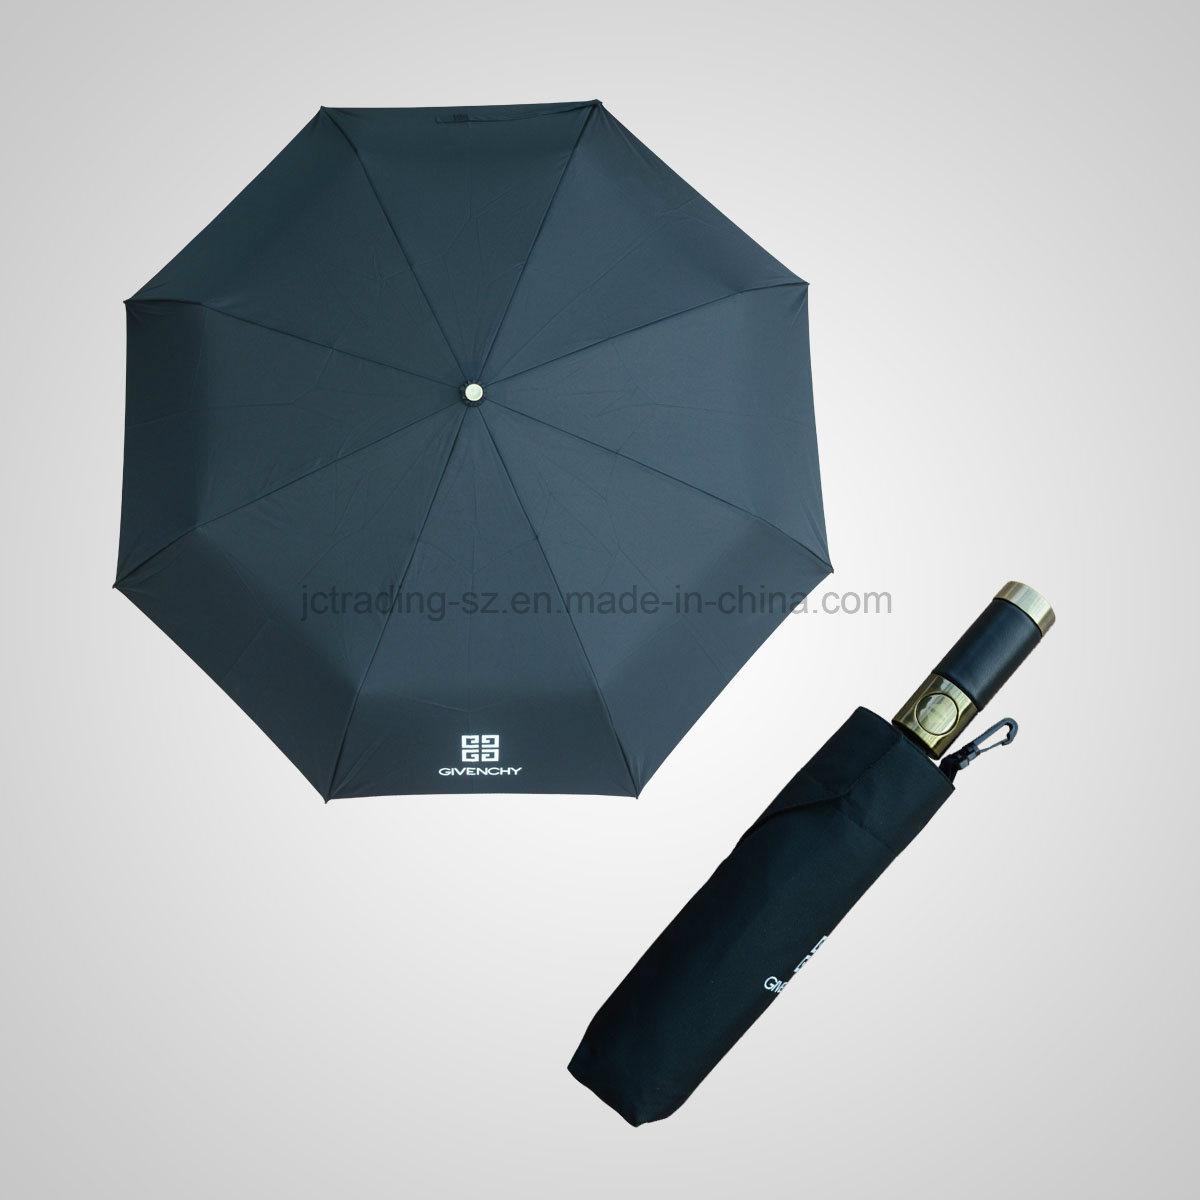 High Quality 3 Fold Automatic Open&Close Fashion Sun/Rain Umbrella (JF-AGV301)